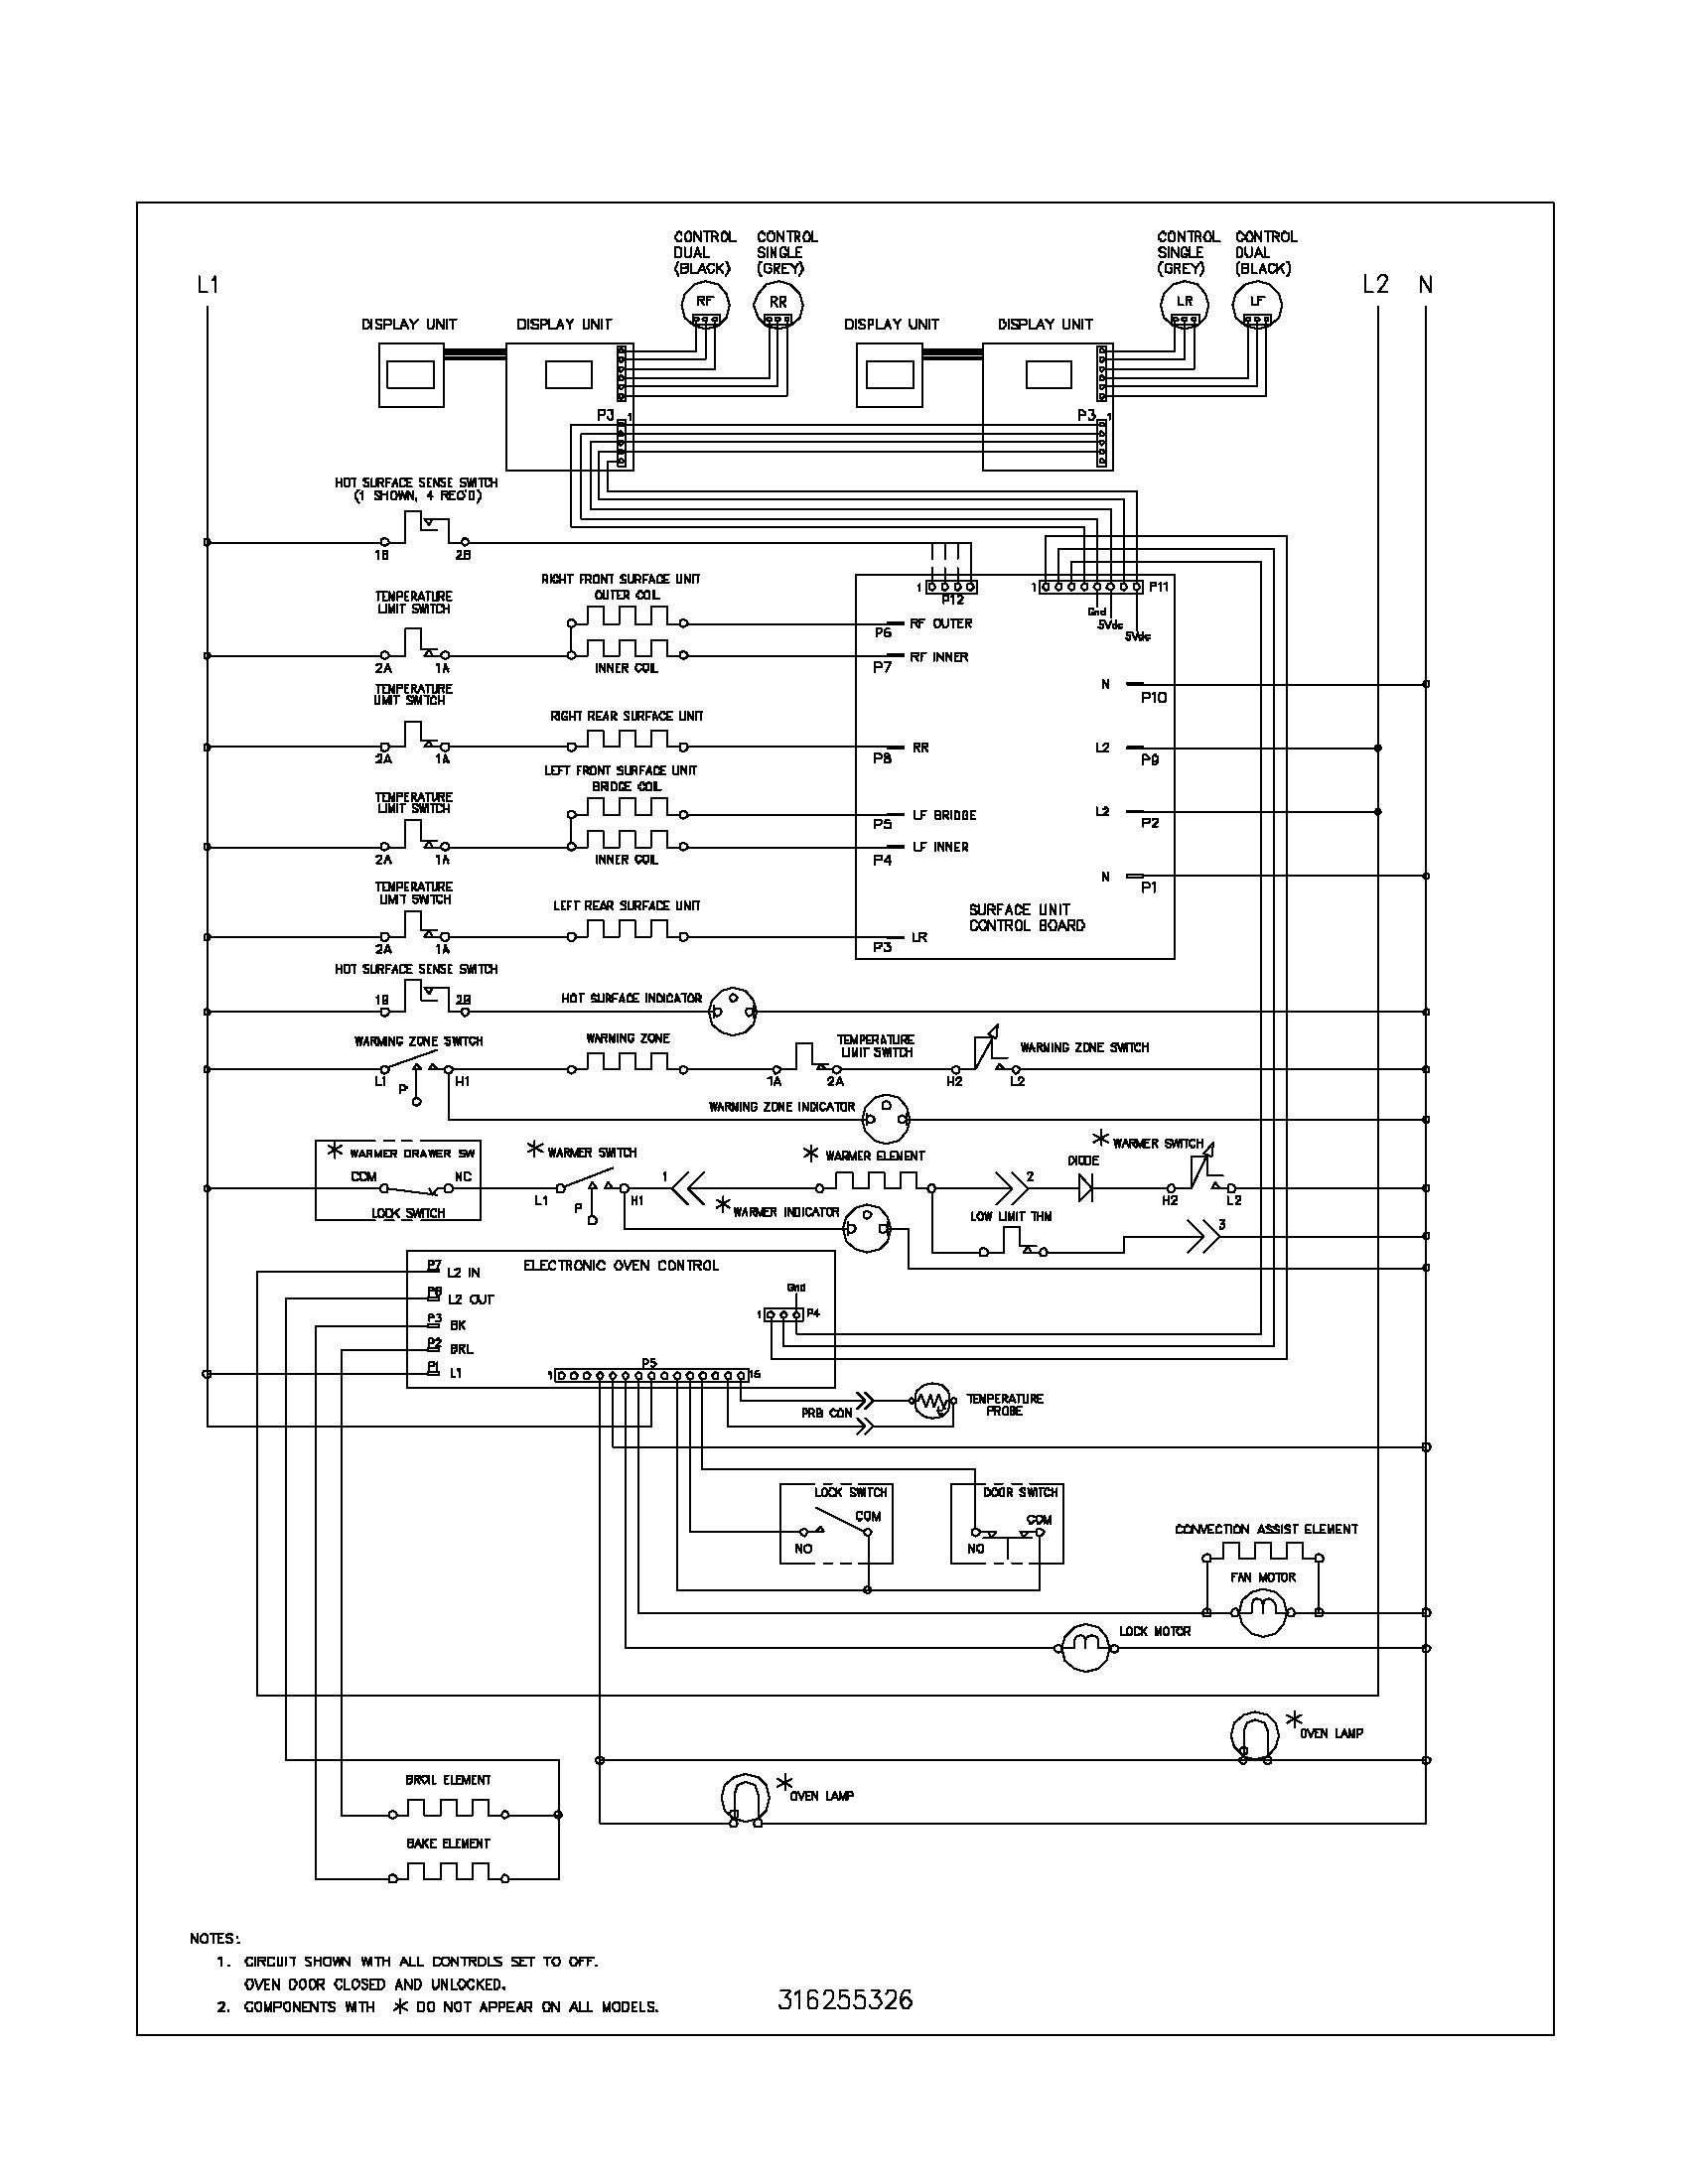 Air Handler Schematic